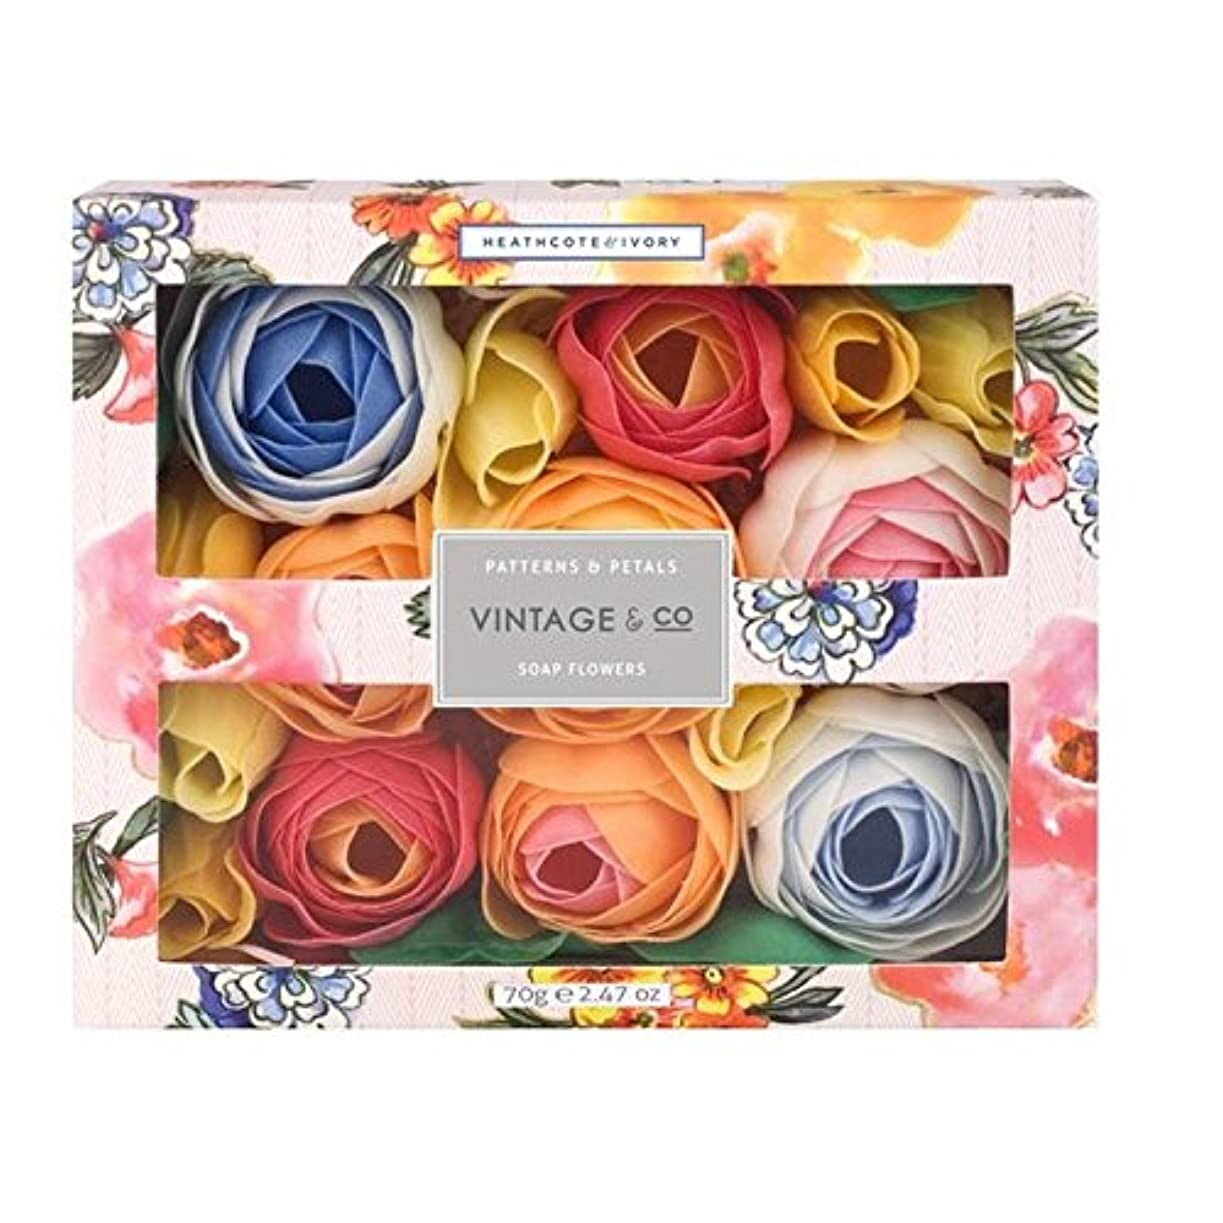 主張ラフト推定するHeathcote & Ivory Patterns & Petals Soap Flowers 70g - ヒースコート&アイボリーパターン&花びら石鹸の花70グラム [並行輸入品]